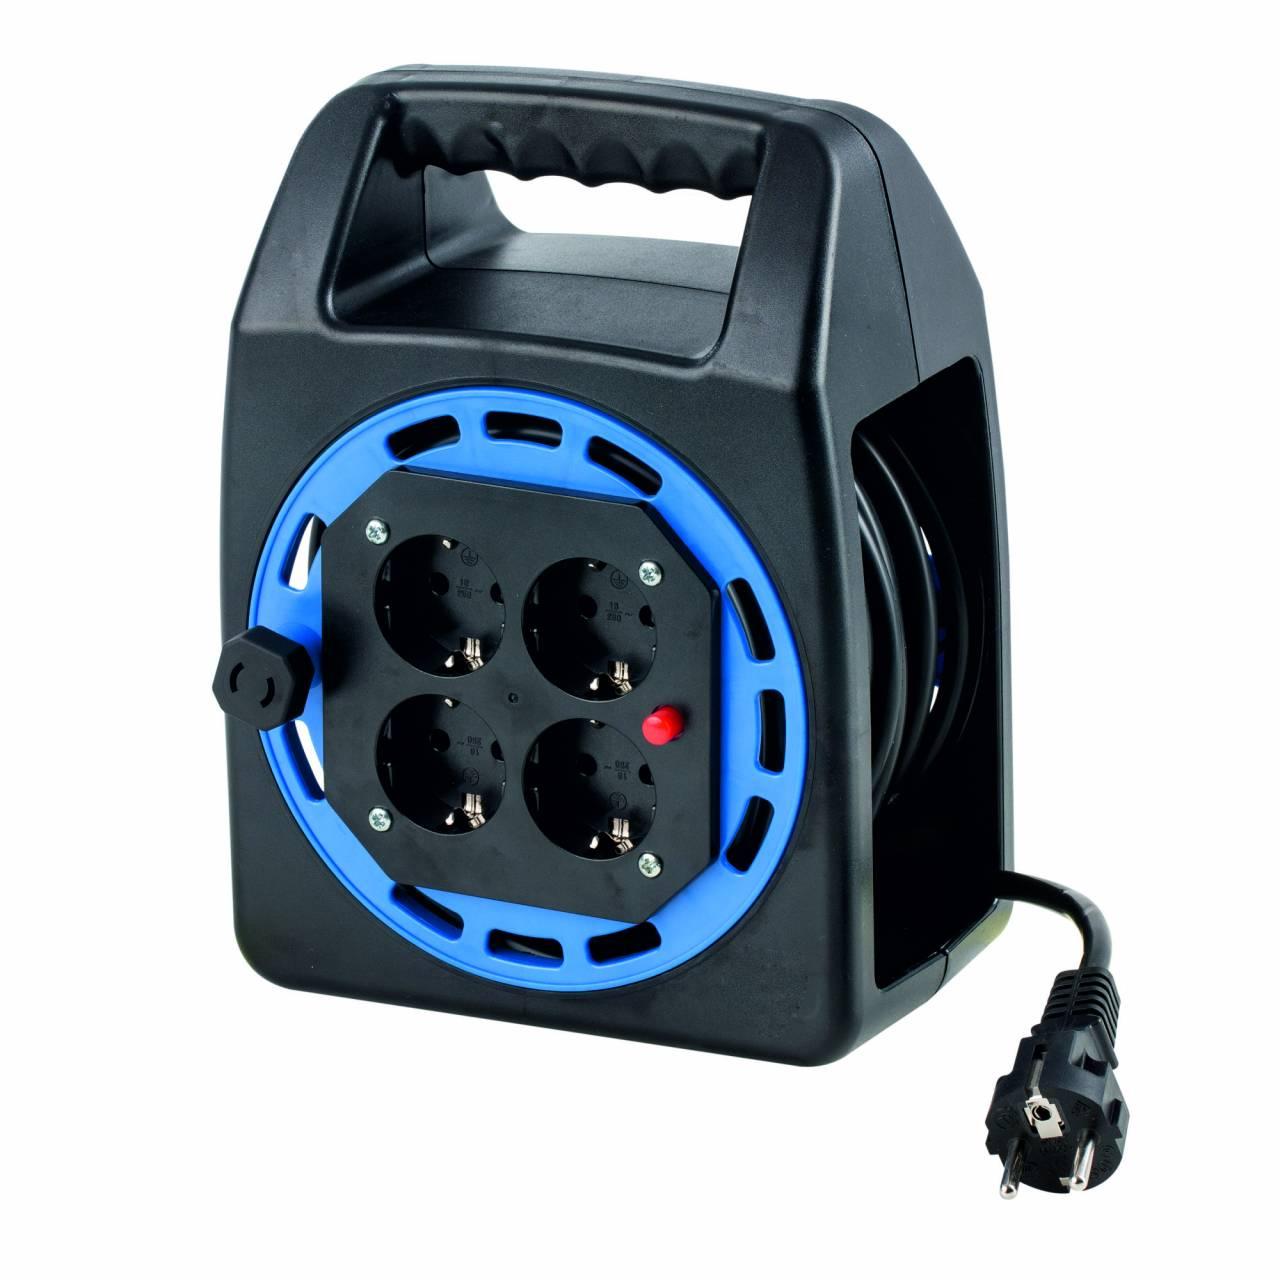 Kabeltrommel 'Kompakt-40015' 230V, H05VV-F 3G1,5 / 15 m